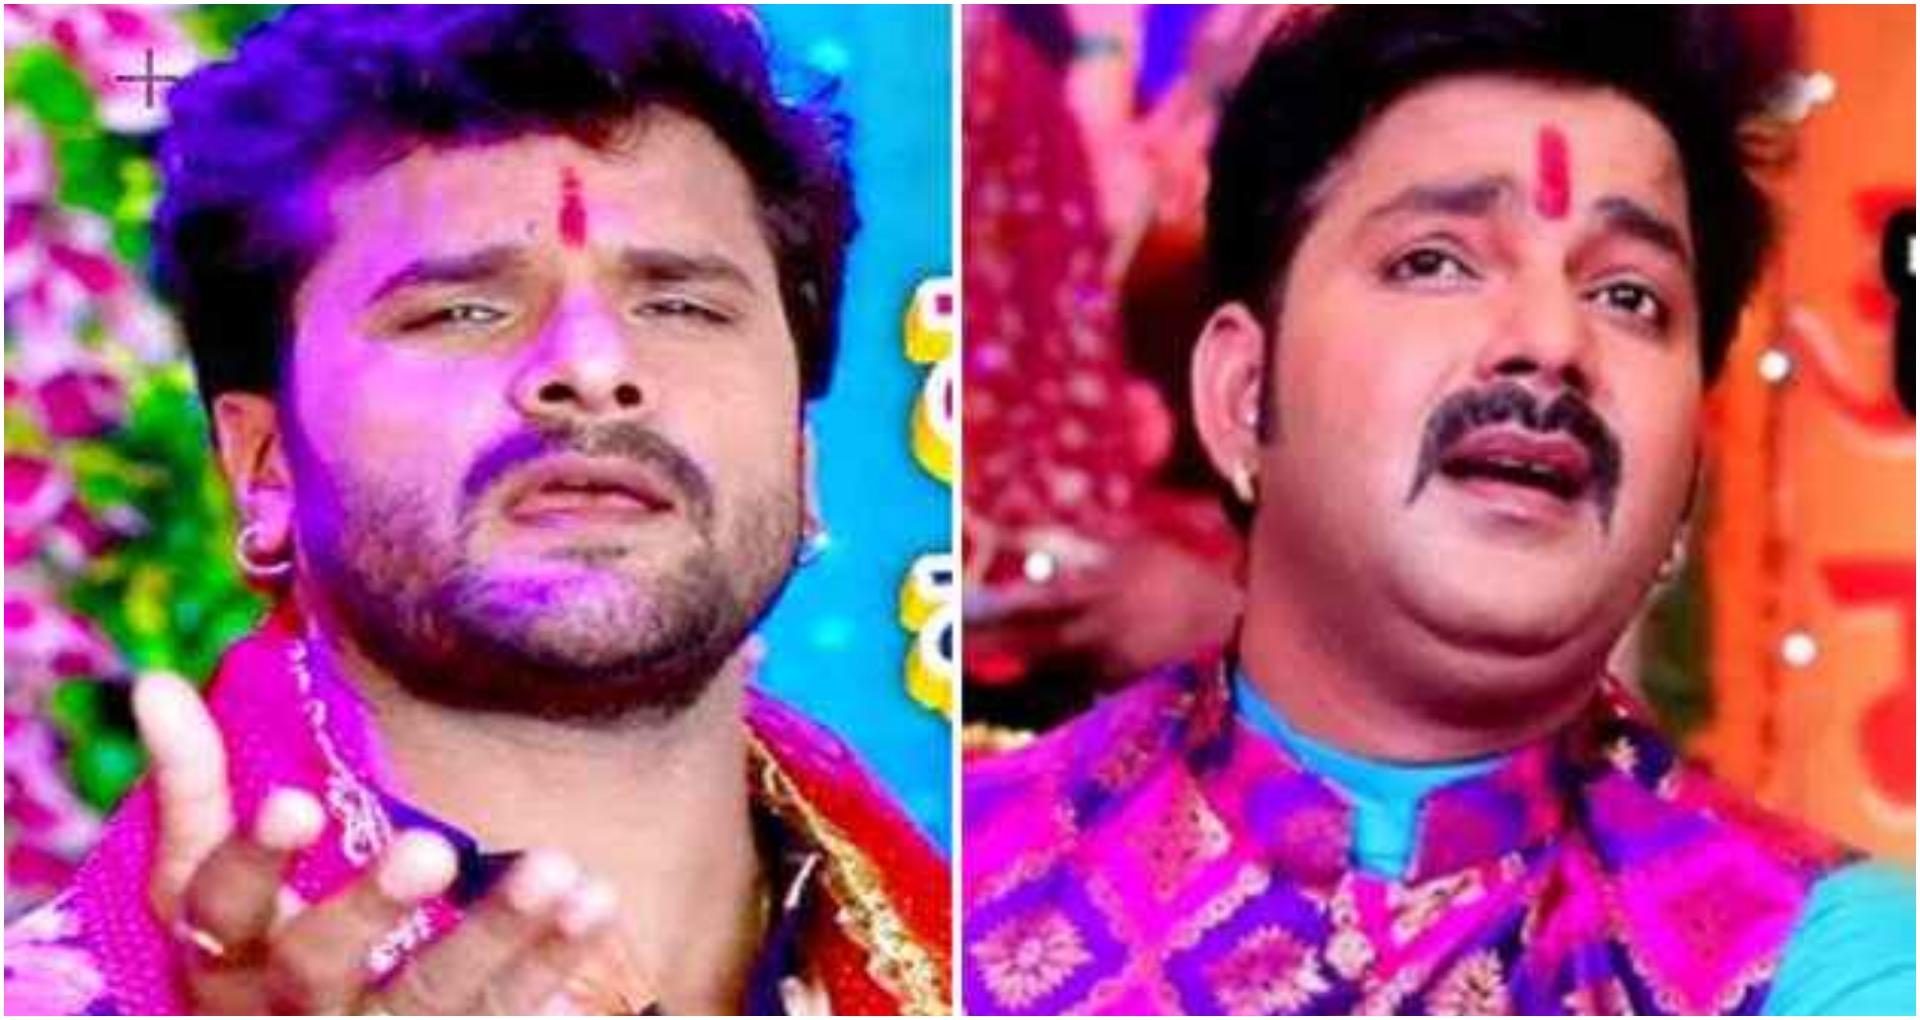 Chaitra Navratri Bhojpuri Song 2020: नवरात्रि में भोजपुरी देवी गीतों की धूम, देखें वीडियो